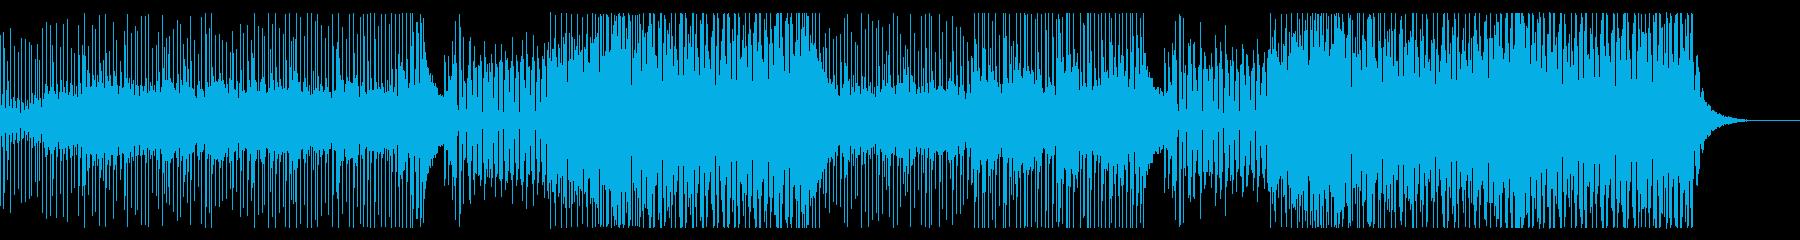 夏!リゾート・旅行CM、トロピカルハウスの再生済みの波形